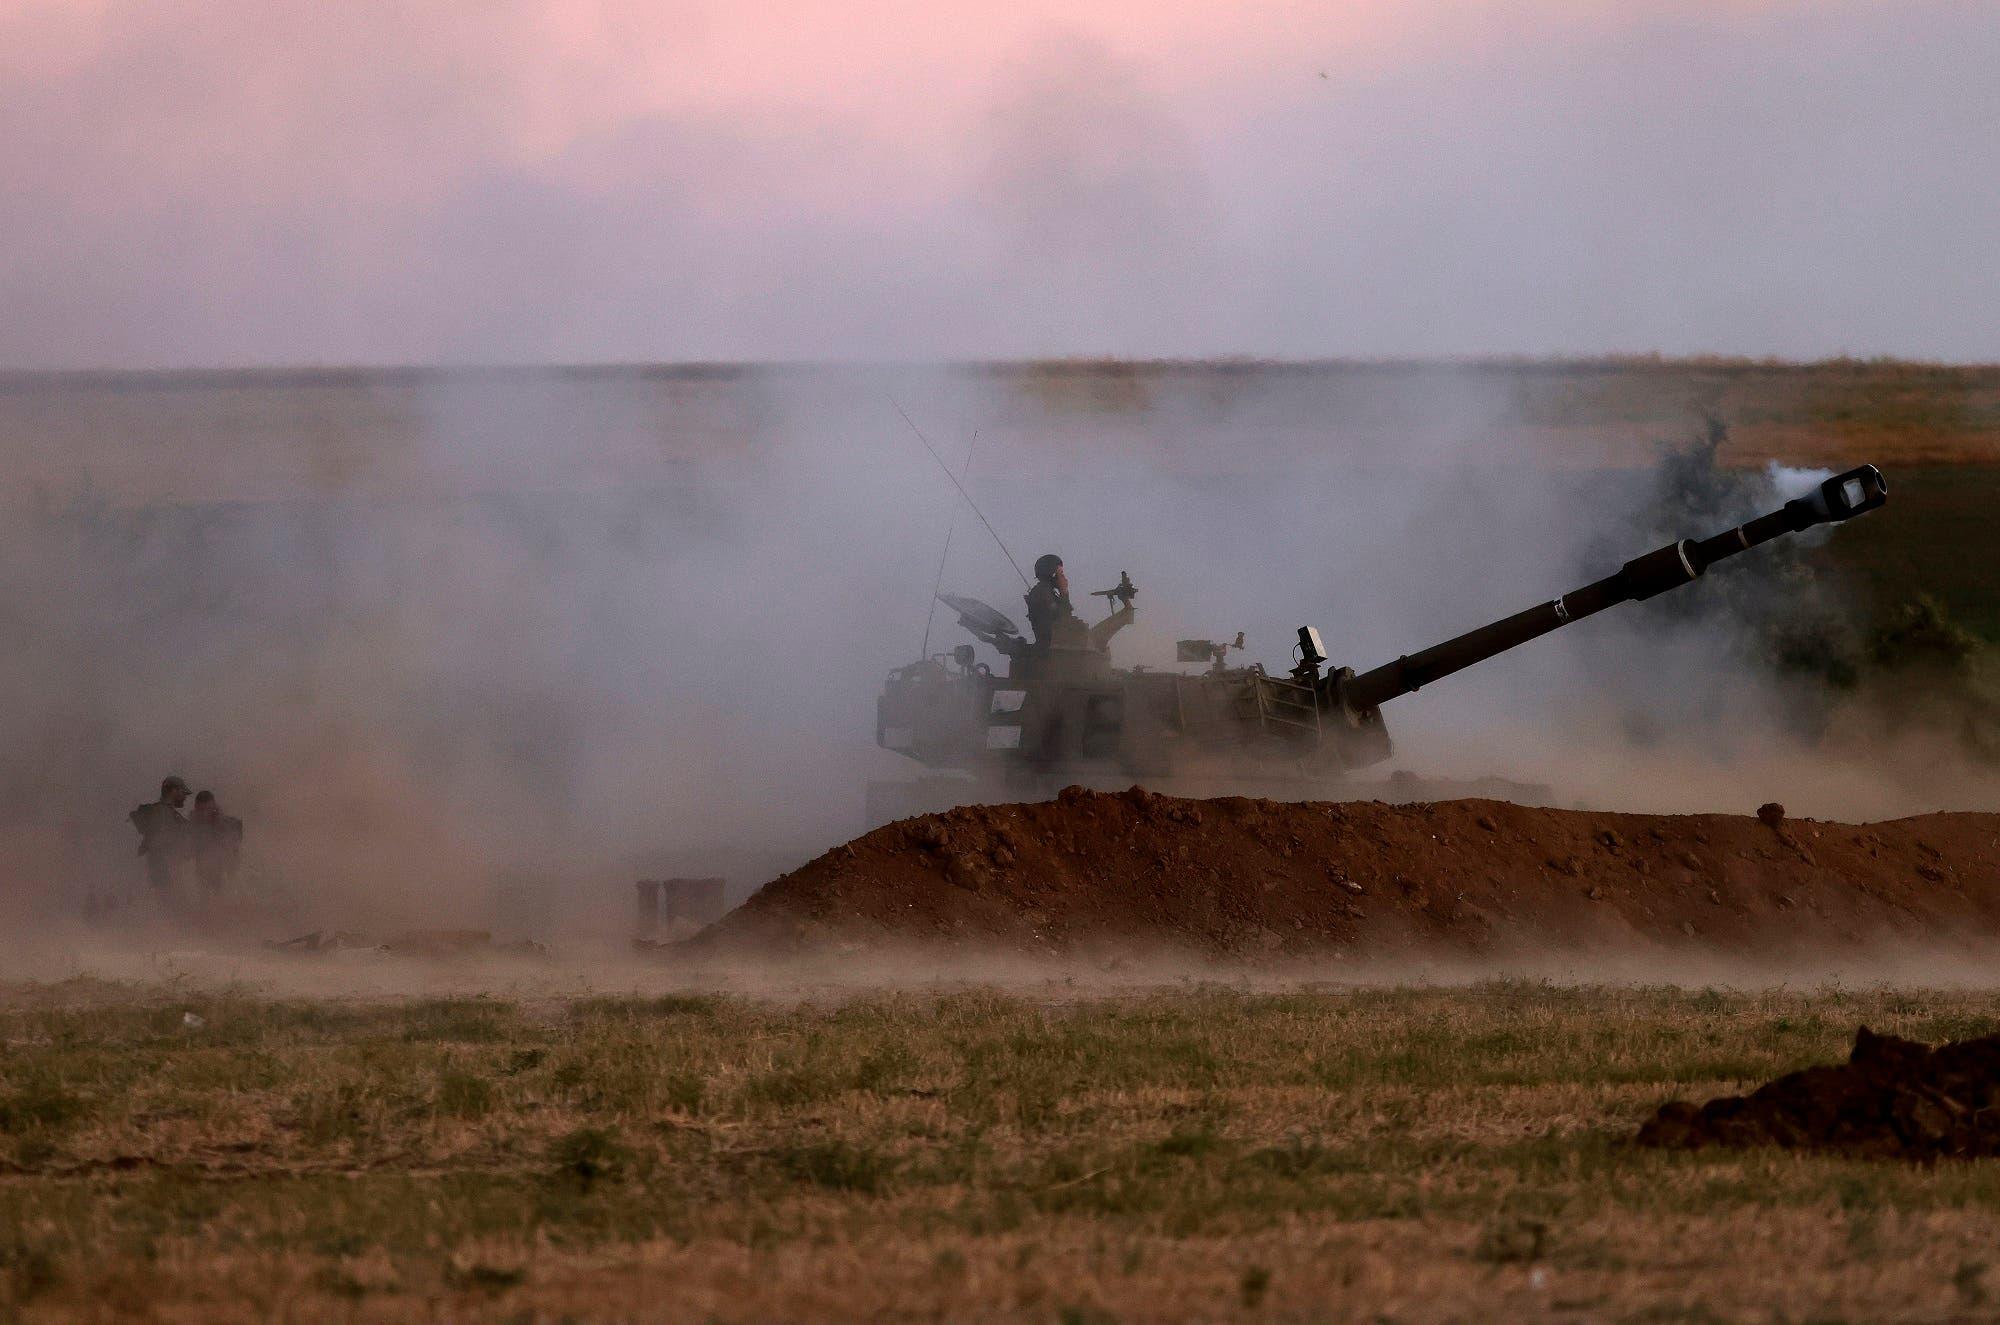 جنود إسرائيليون يطلقون قذيفة باتجاه قطاع غزة من موقعهم على طول الحدود يوم 18 مايو 2021 (فرانس برس)